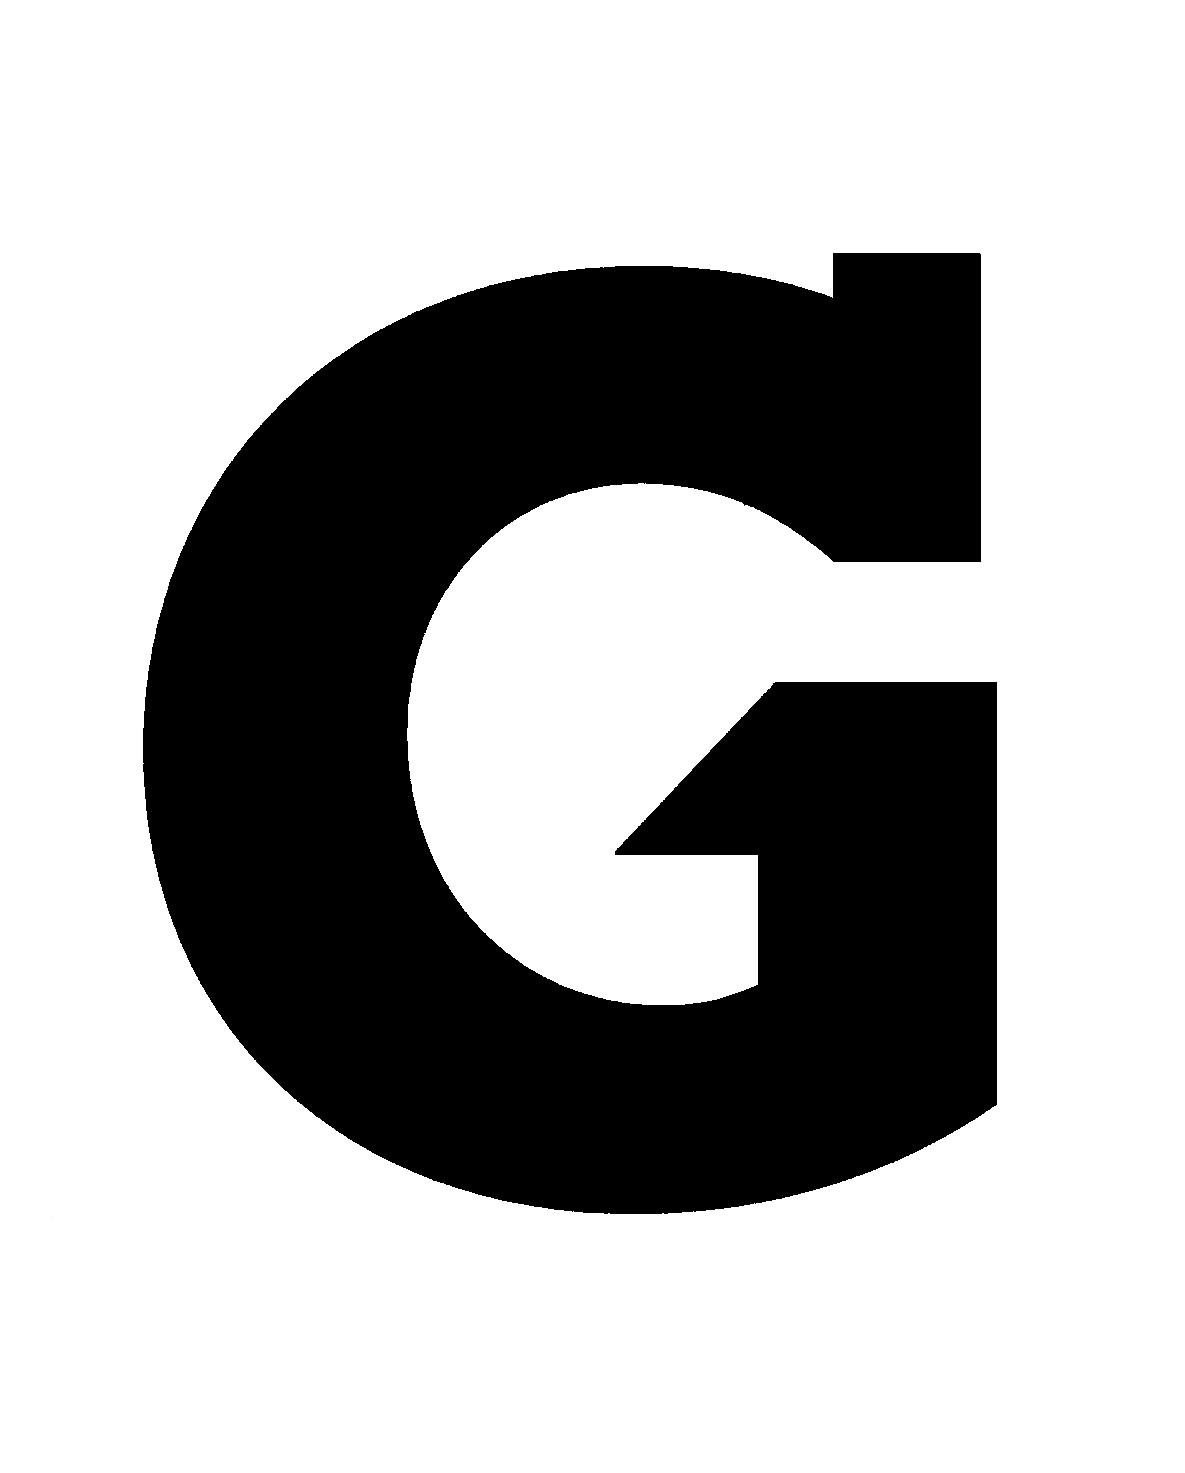 G Symbol Logos